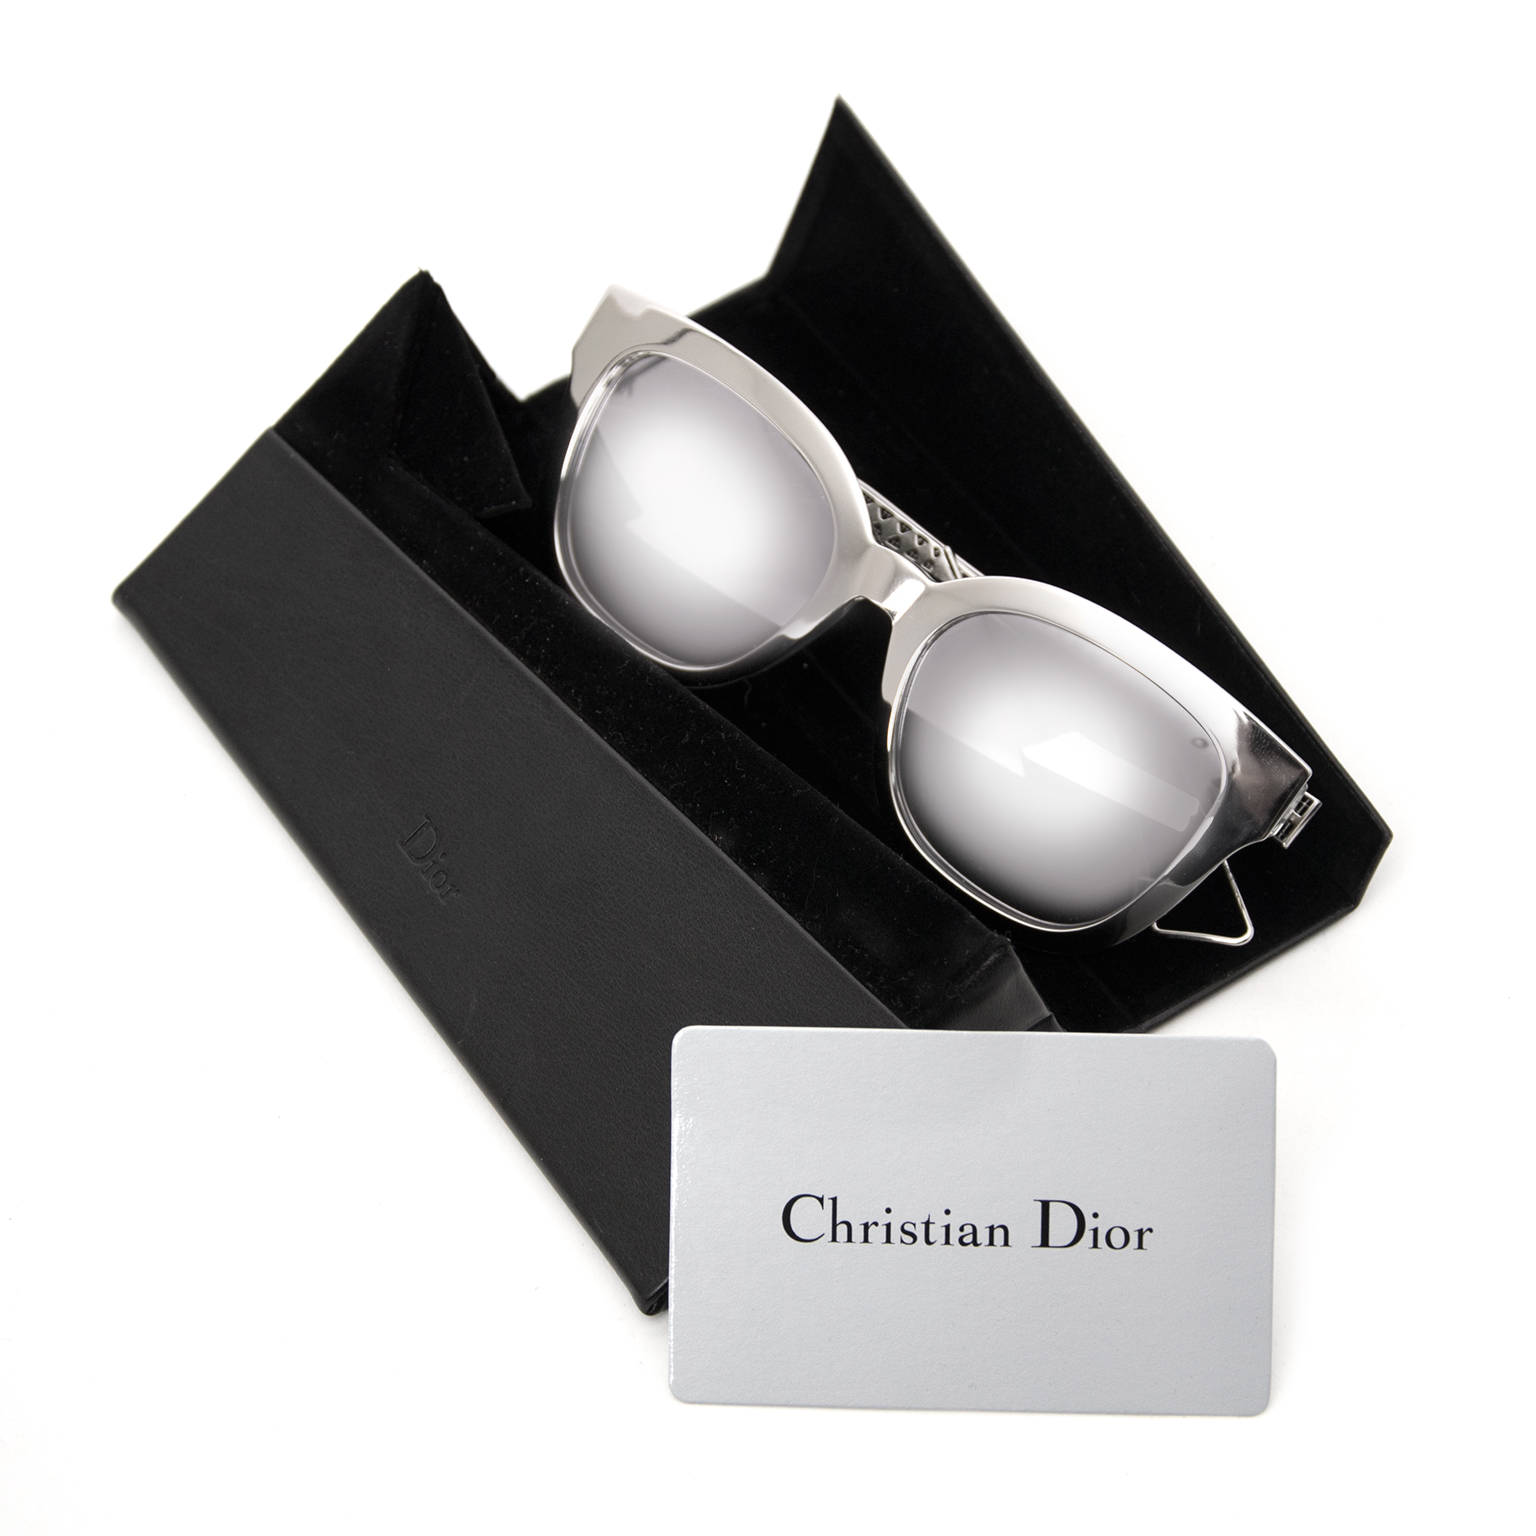 Koop tweedehands Dior zonnebrillen bij Labellov.com